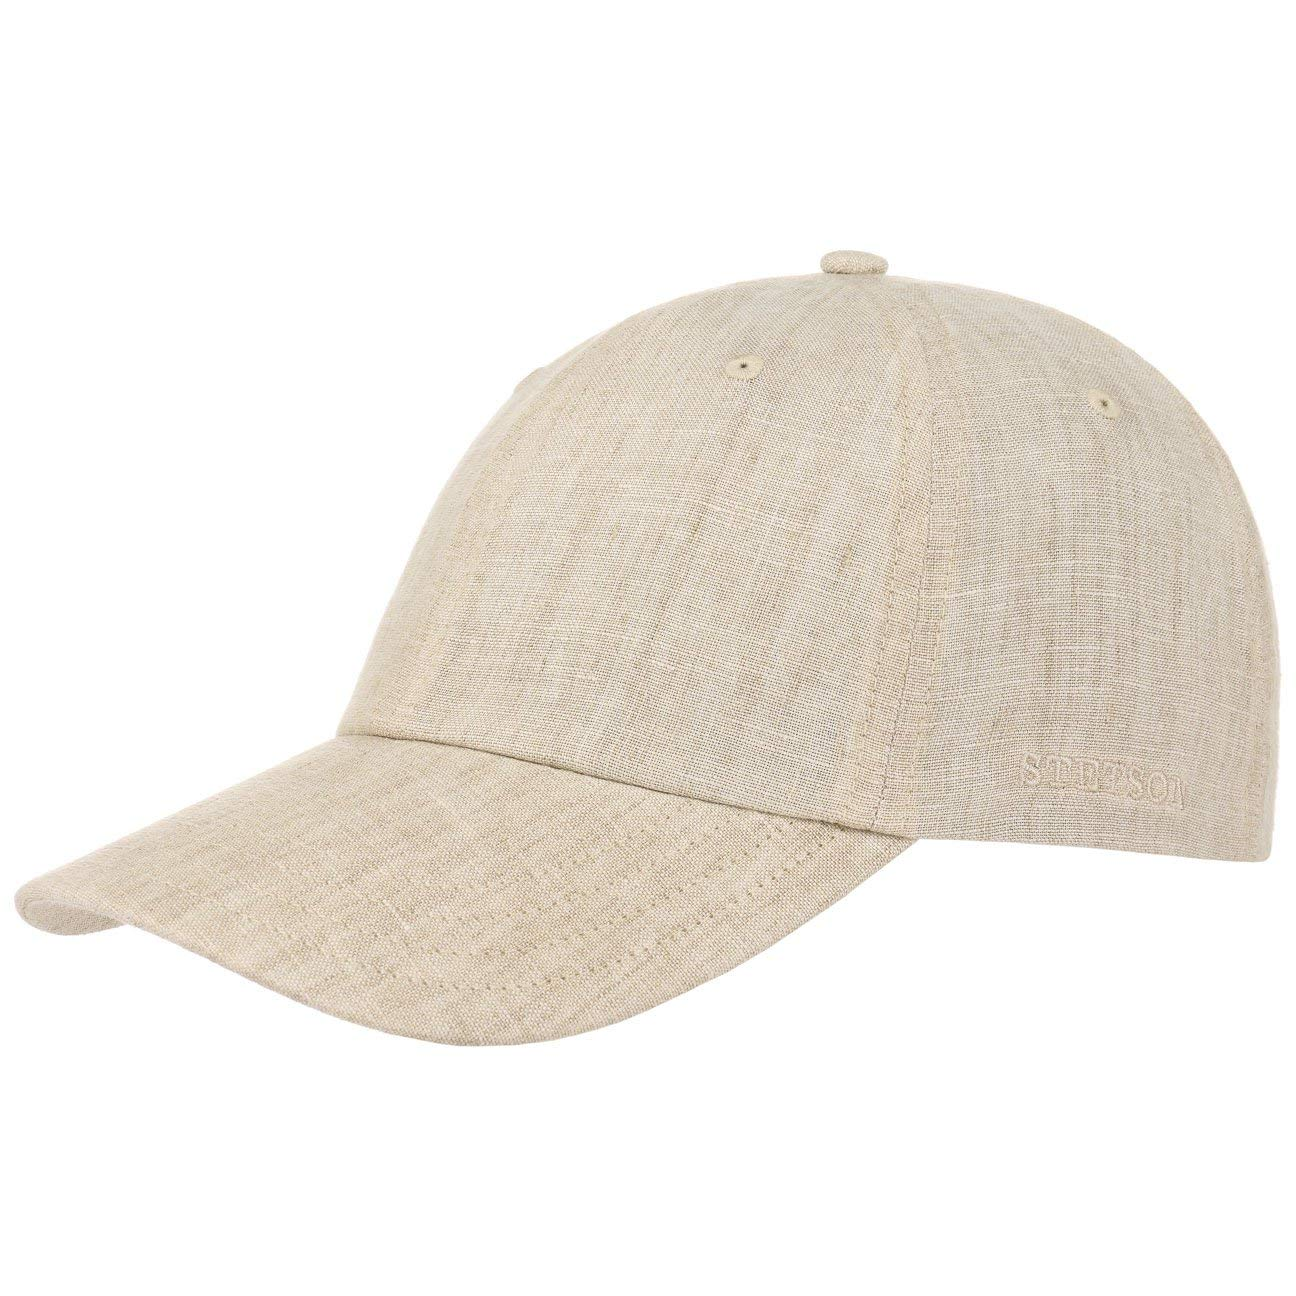 Stetson Sydell Linen Baseball Cap Women/Men/Kids Beige-Mottled L (7 1/4-7 3/8)